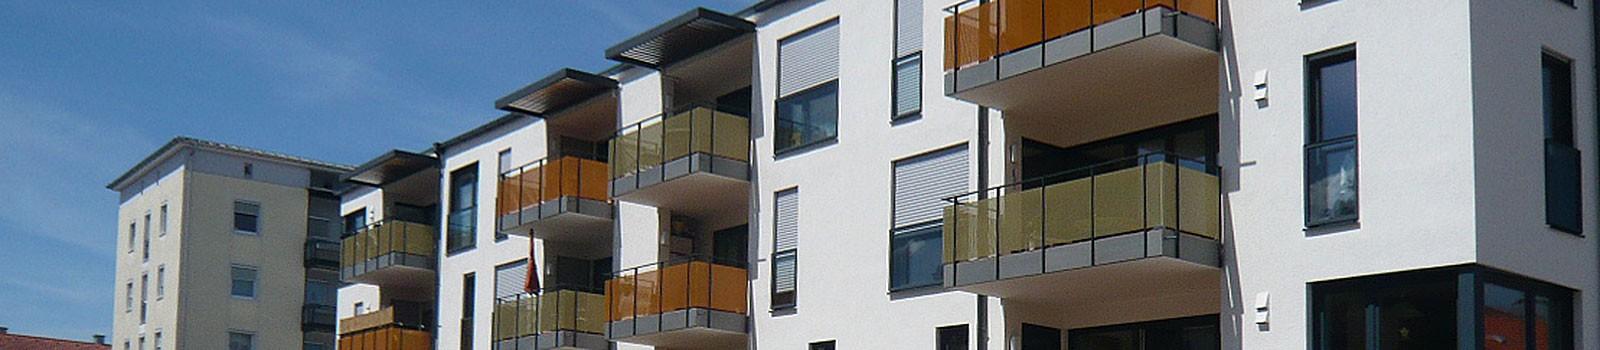 Sozialer-Wohnungsbau